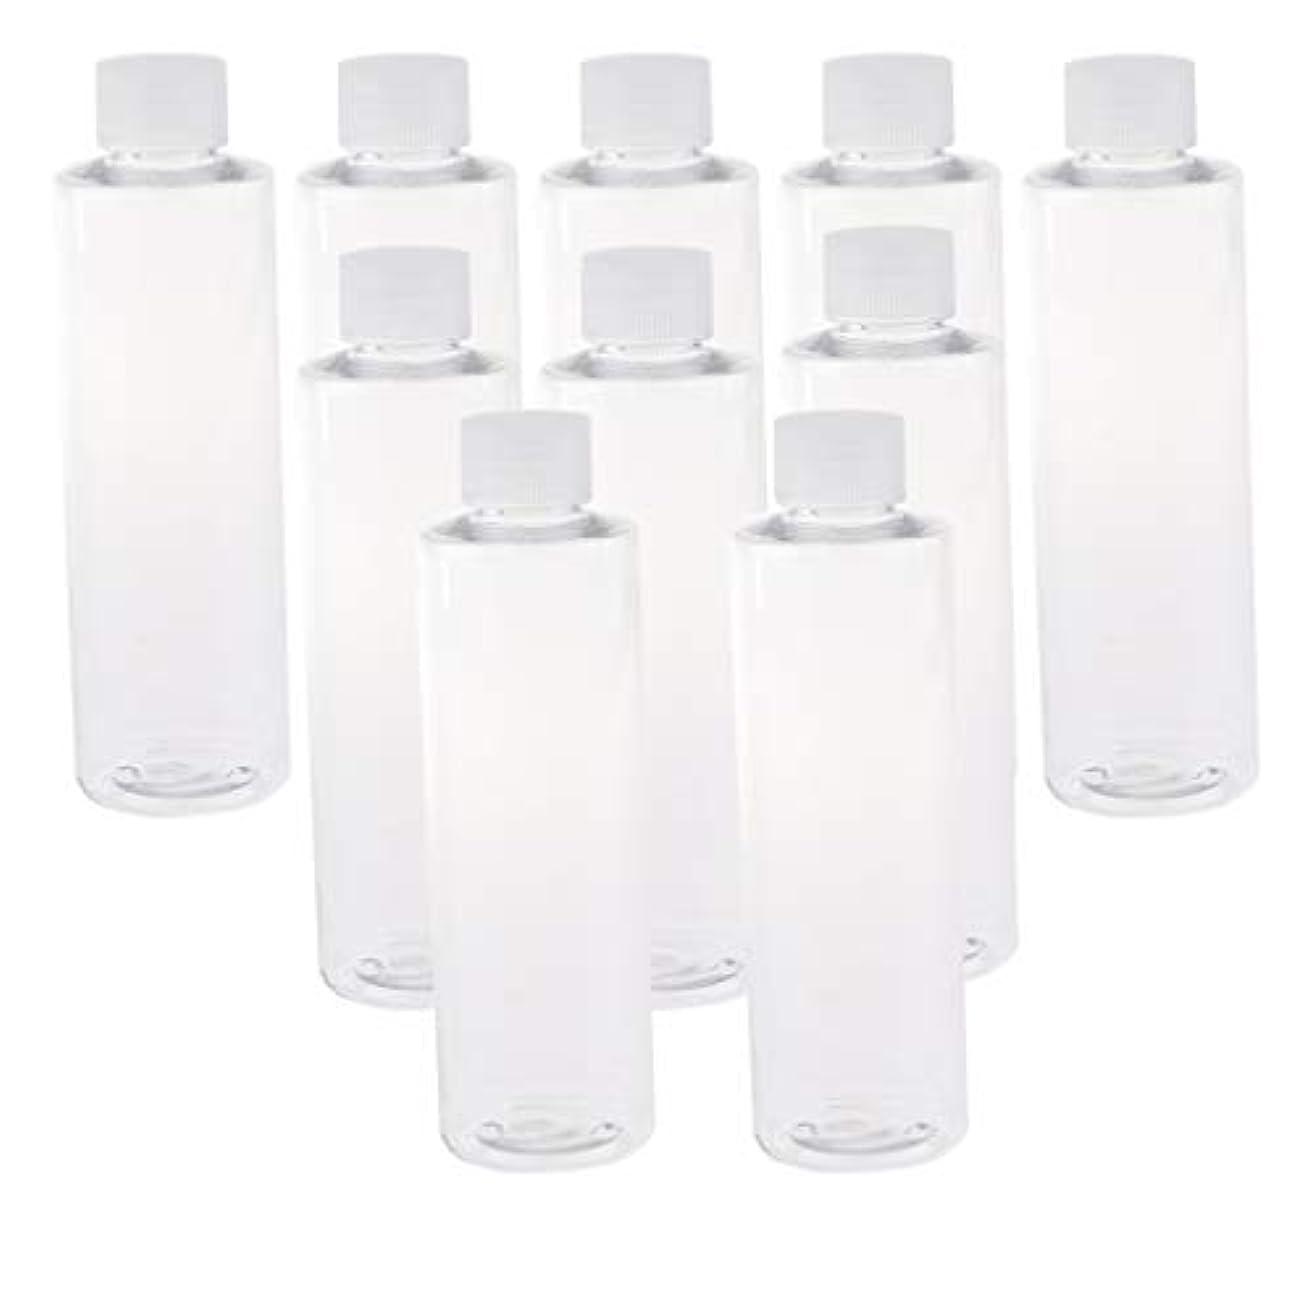 現れるパステル広くF Fityle 全3色 200ミリリットル PETボトル 空のボトル プラスチックボトル 詰替え容器 - クリアキャップ